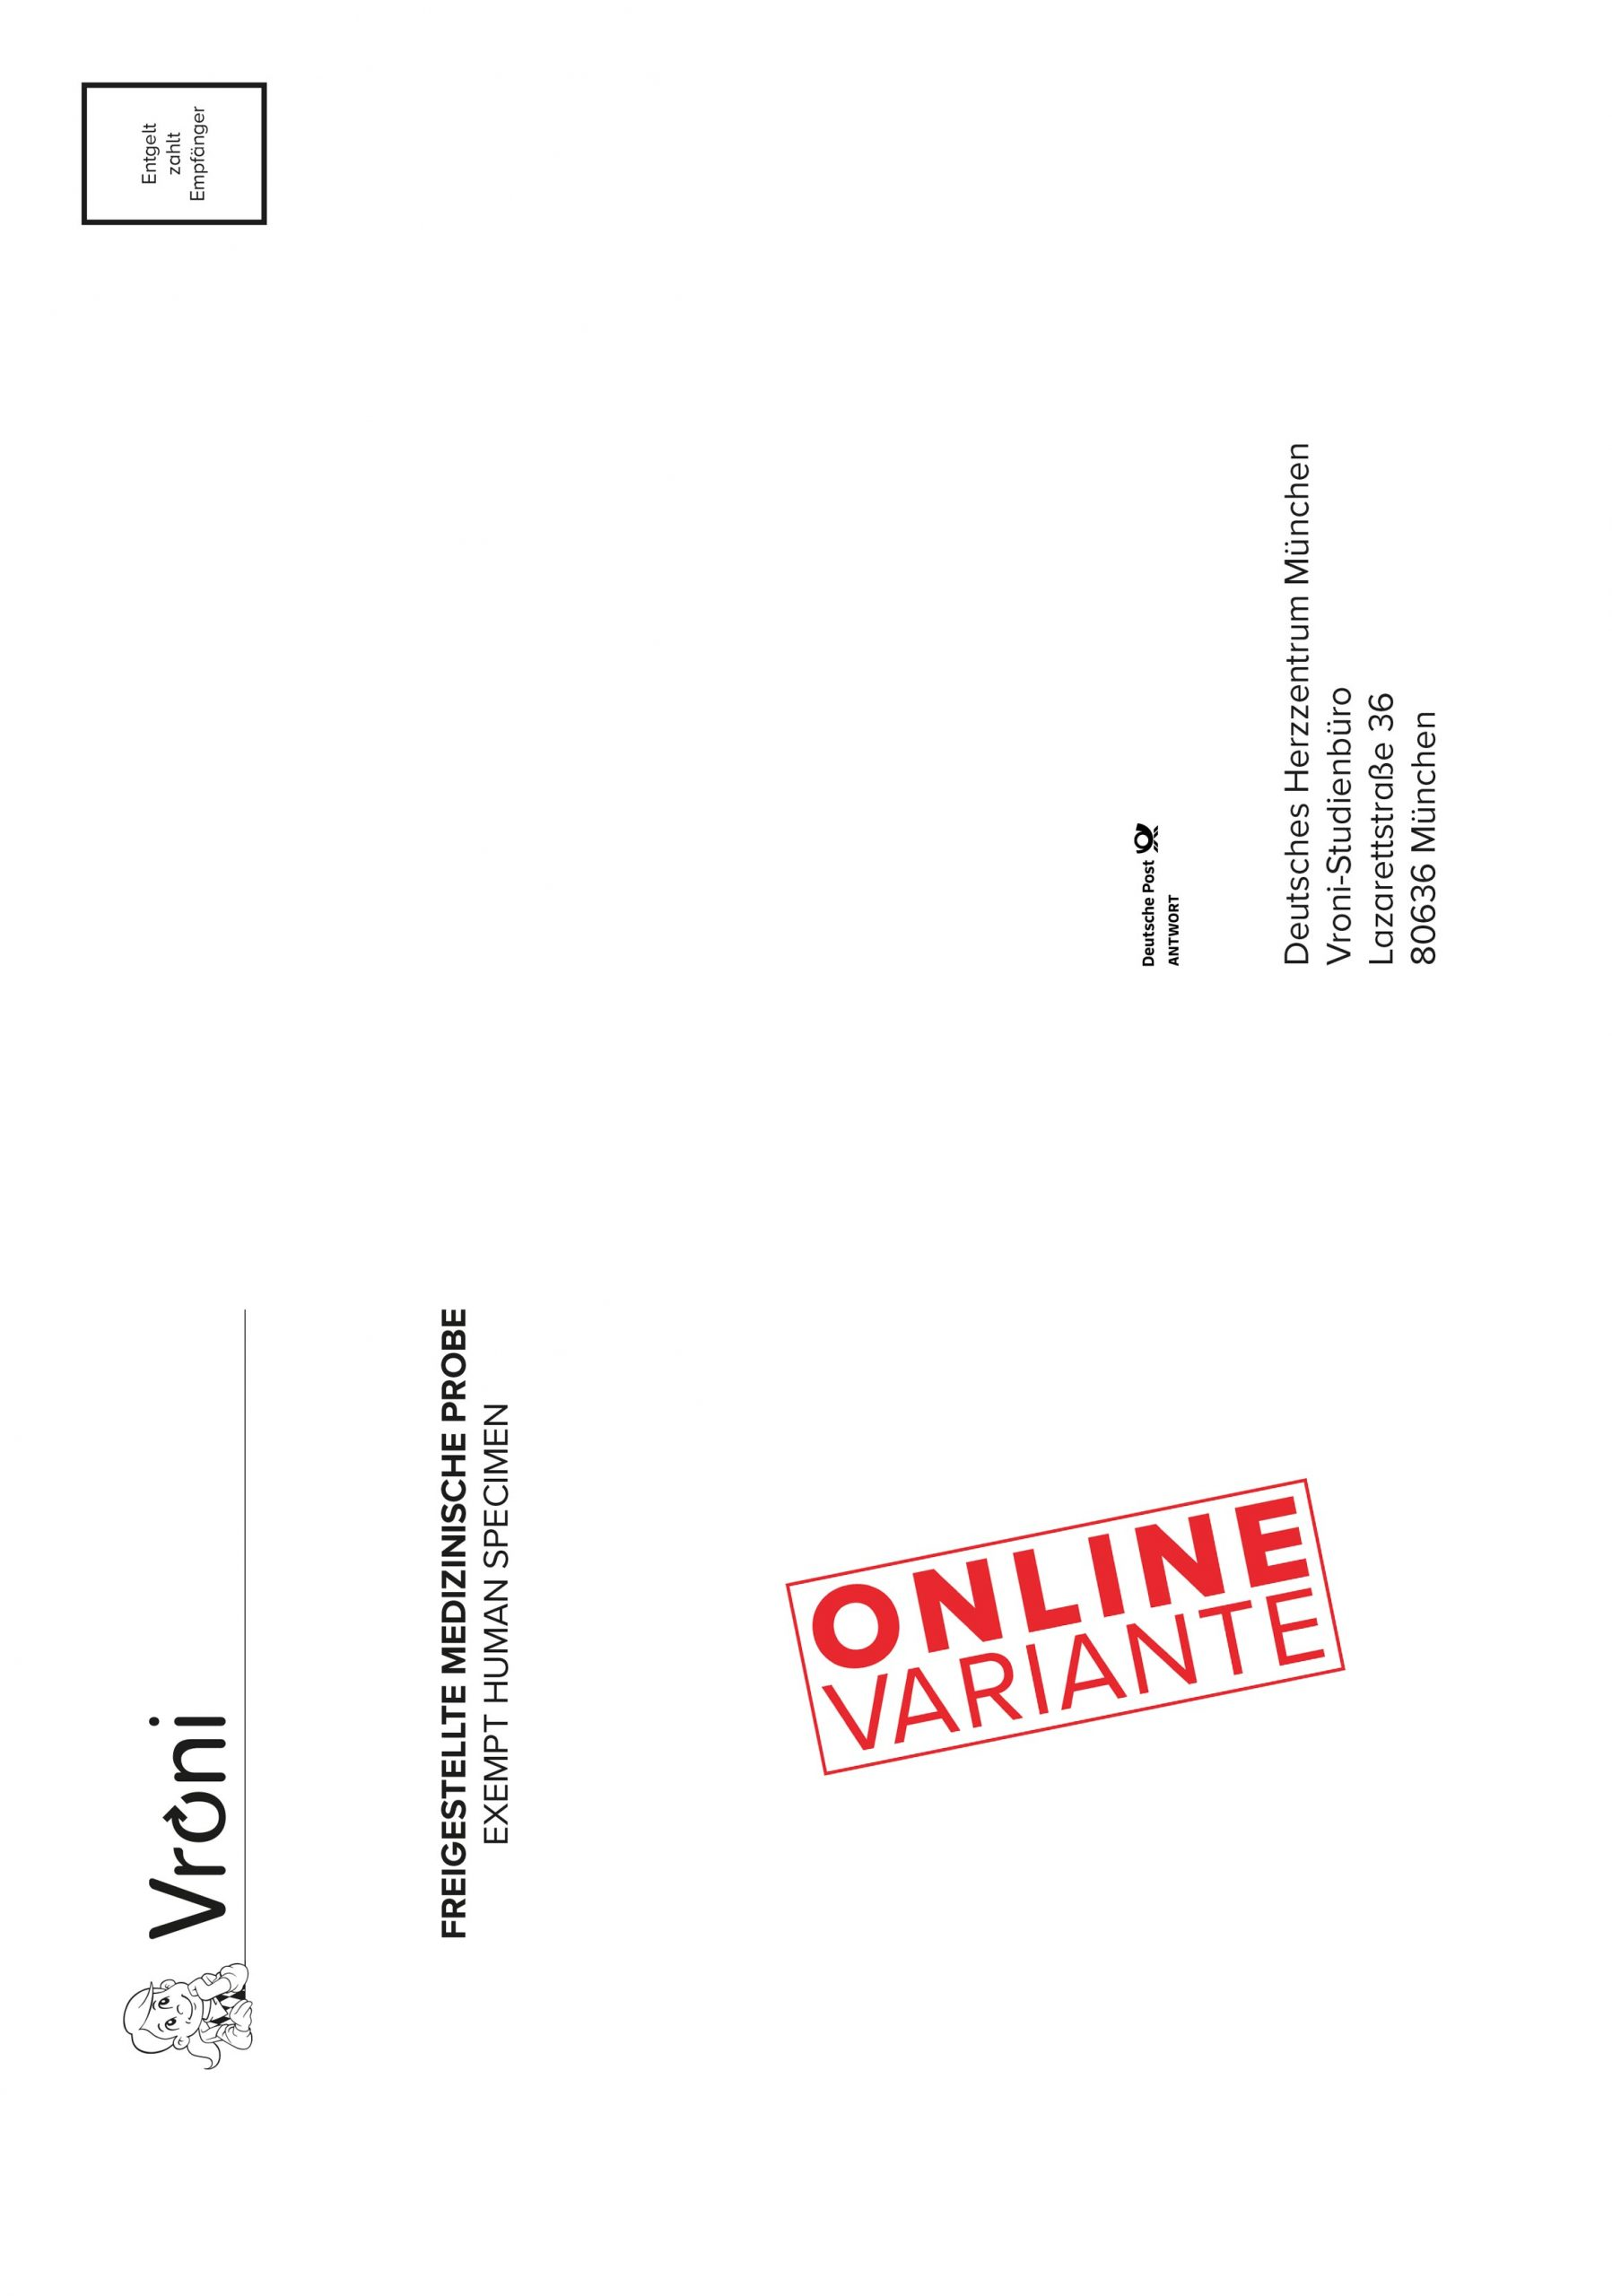 ruecksendetasche_online_variante_1